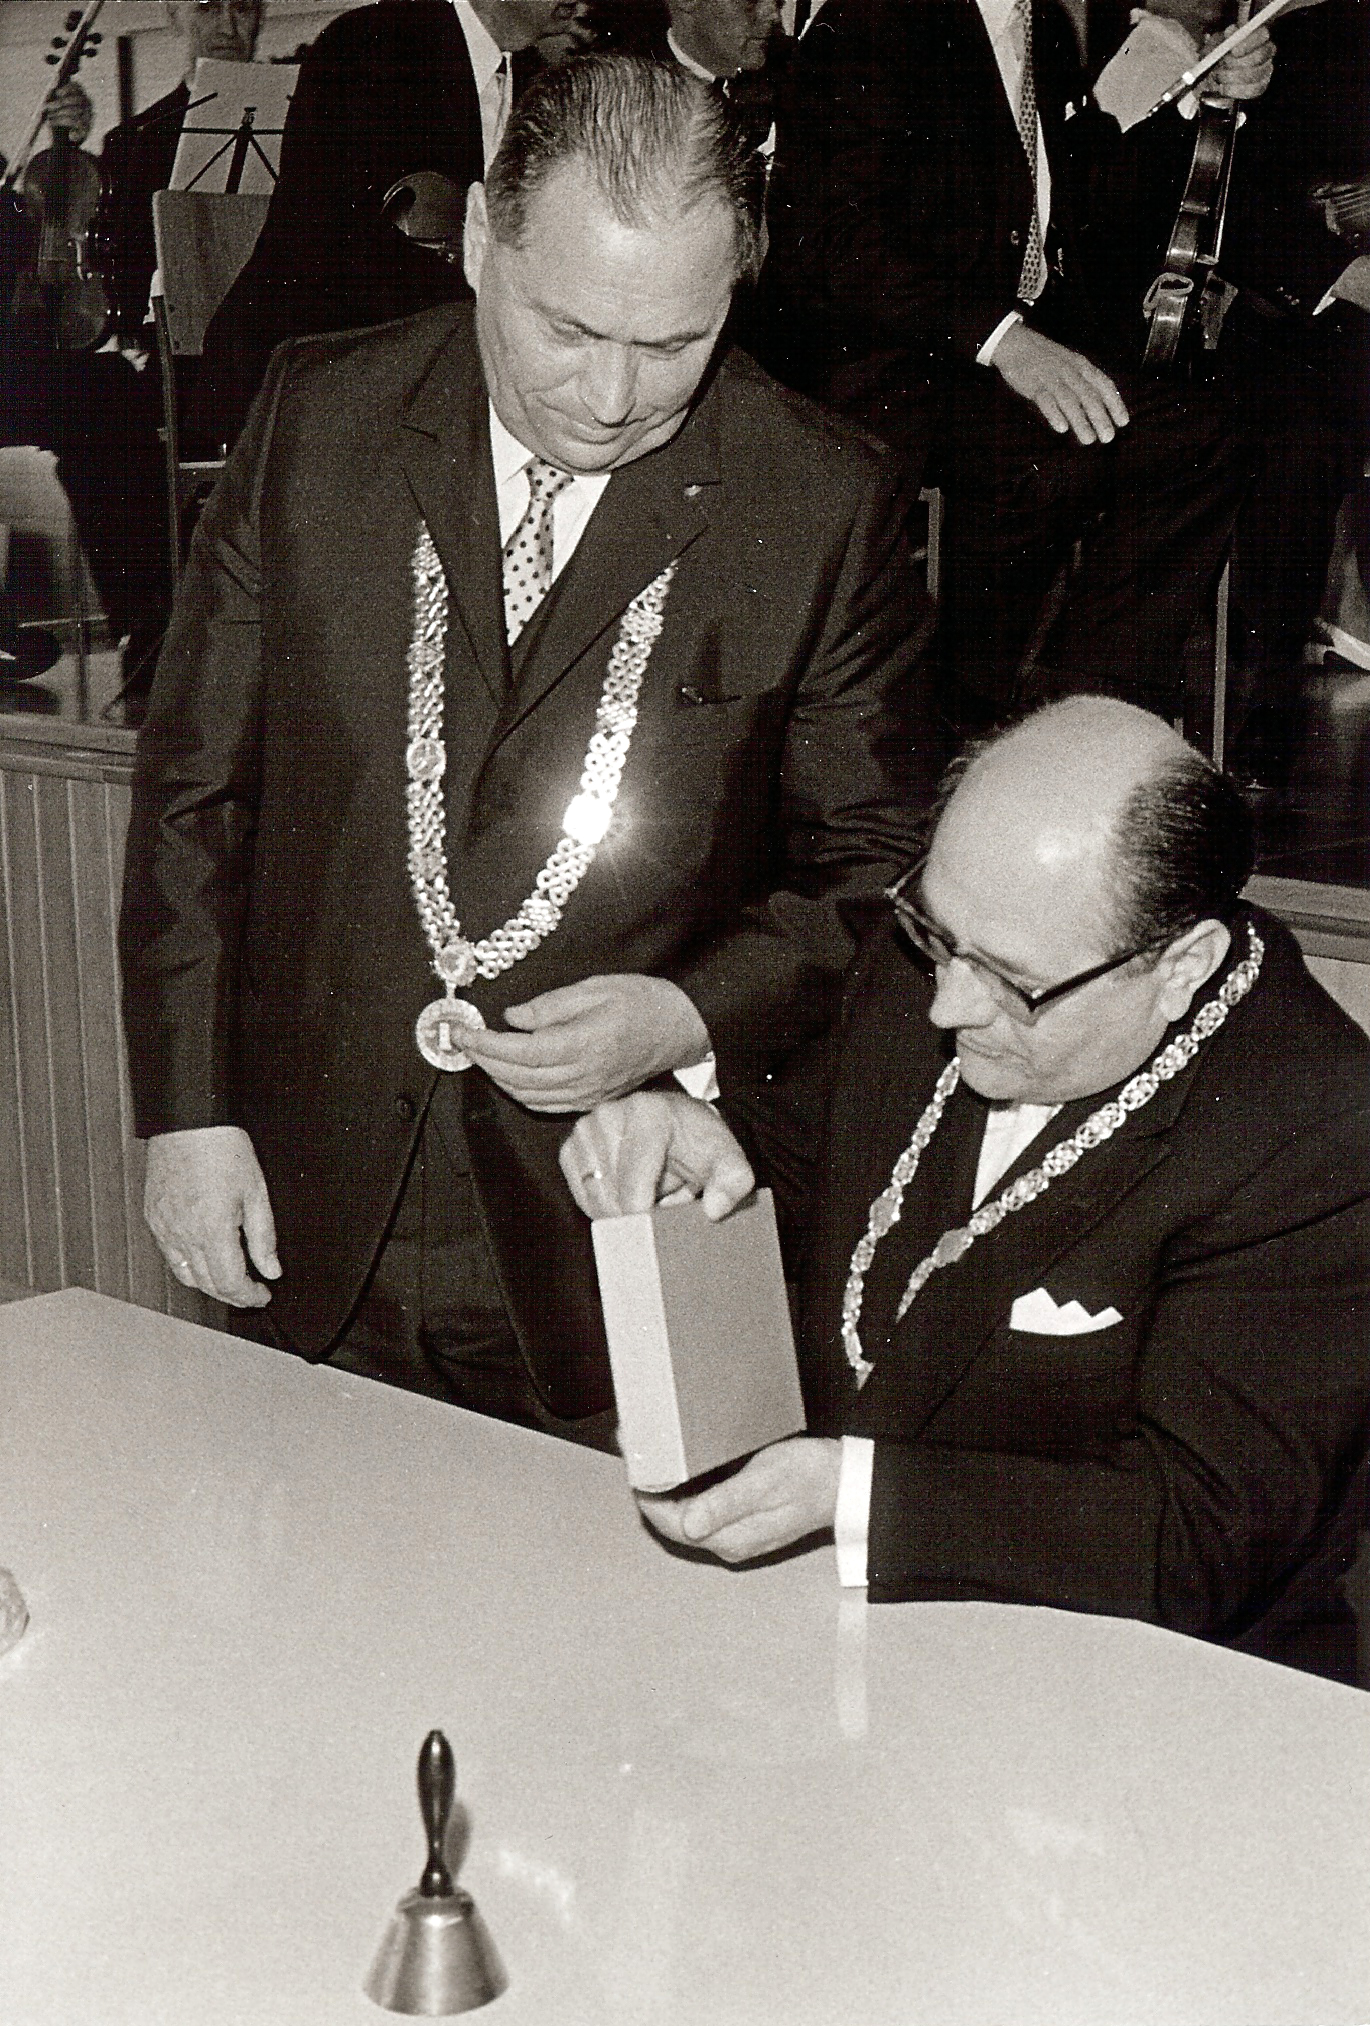 1969-stadterhebung-moegele-sandner